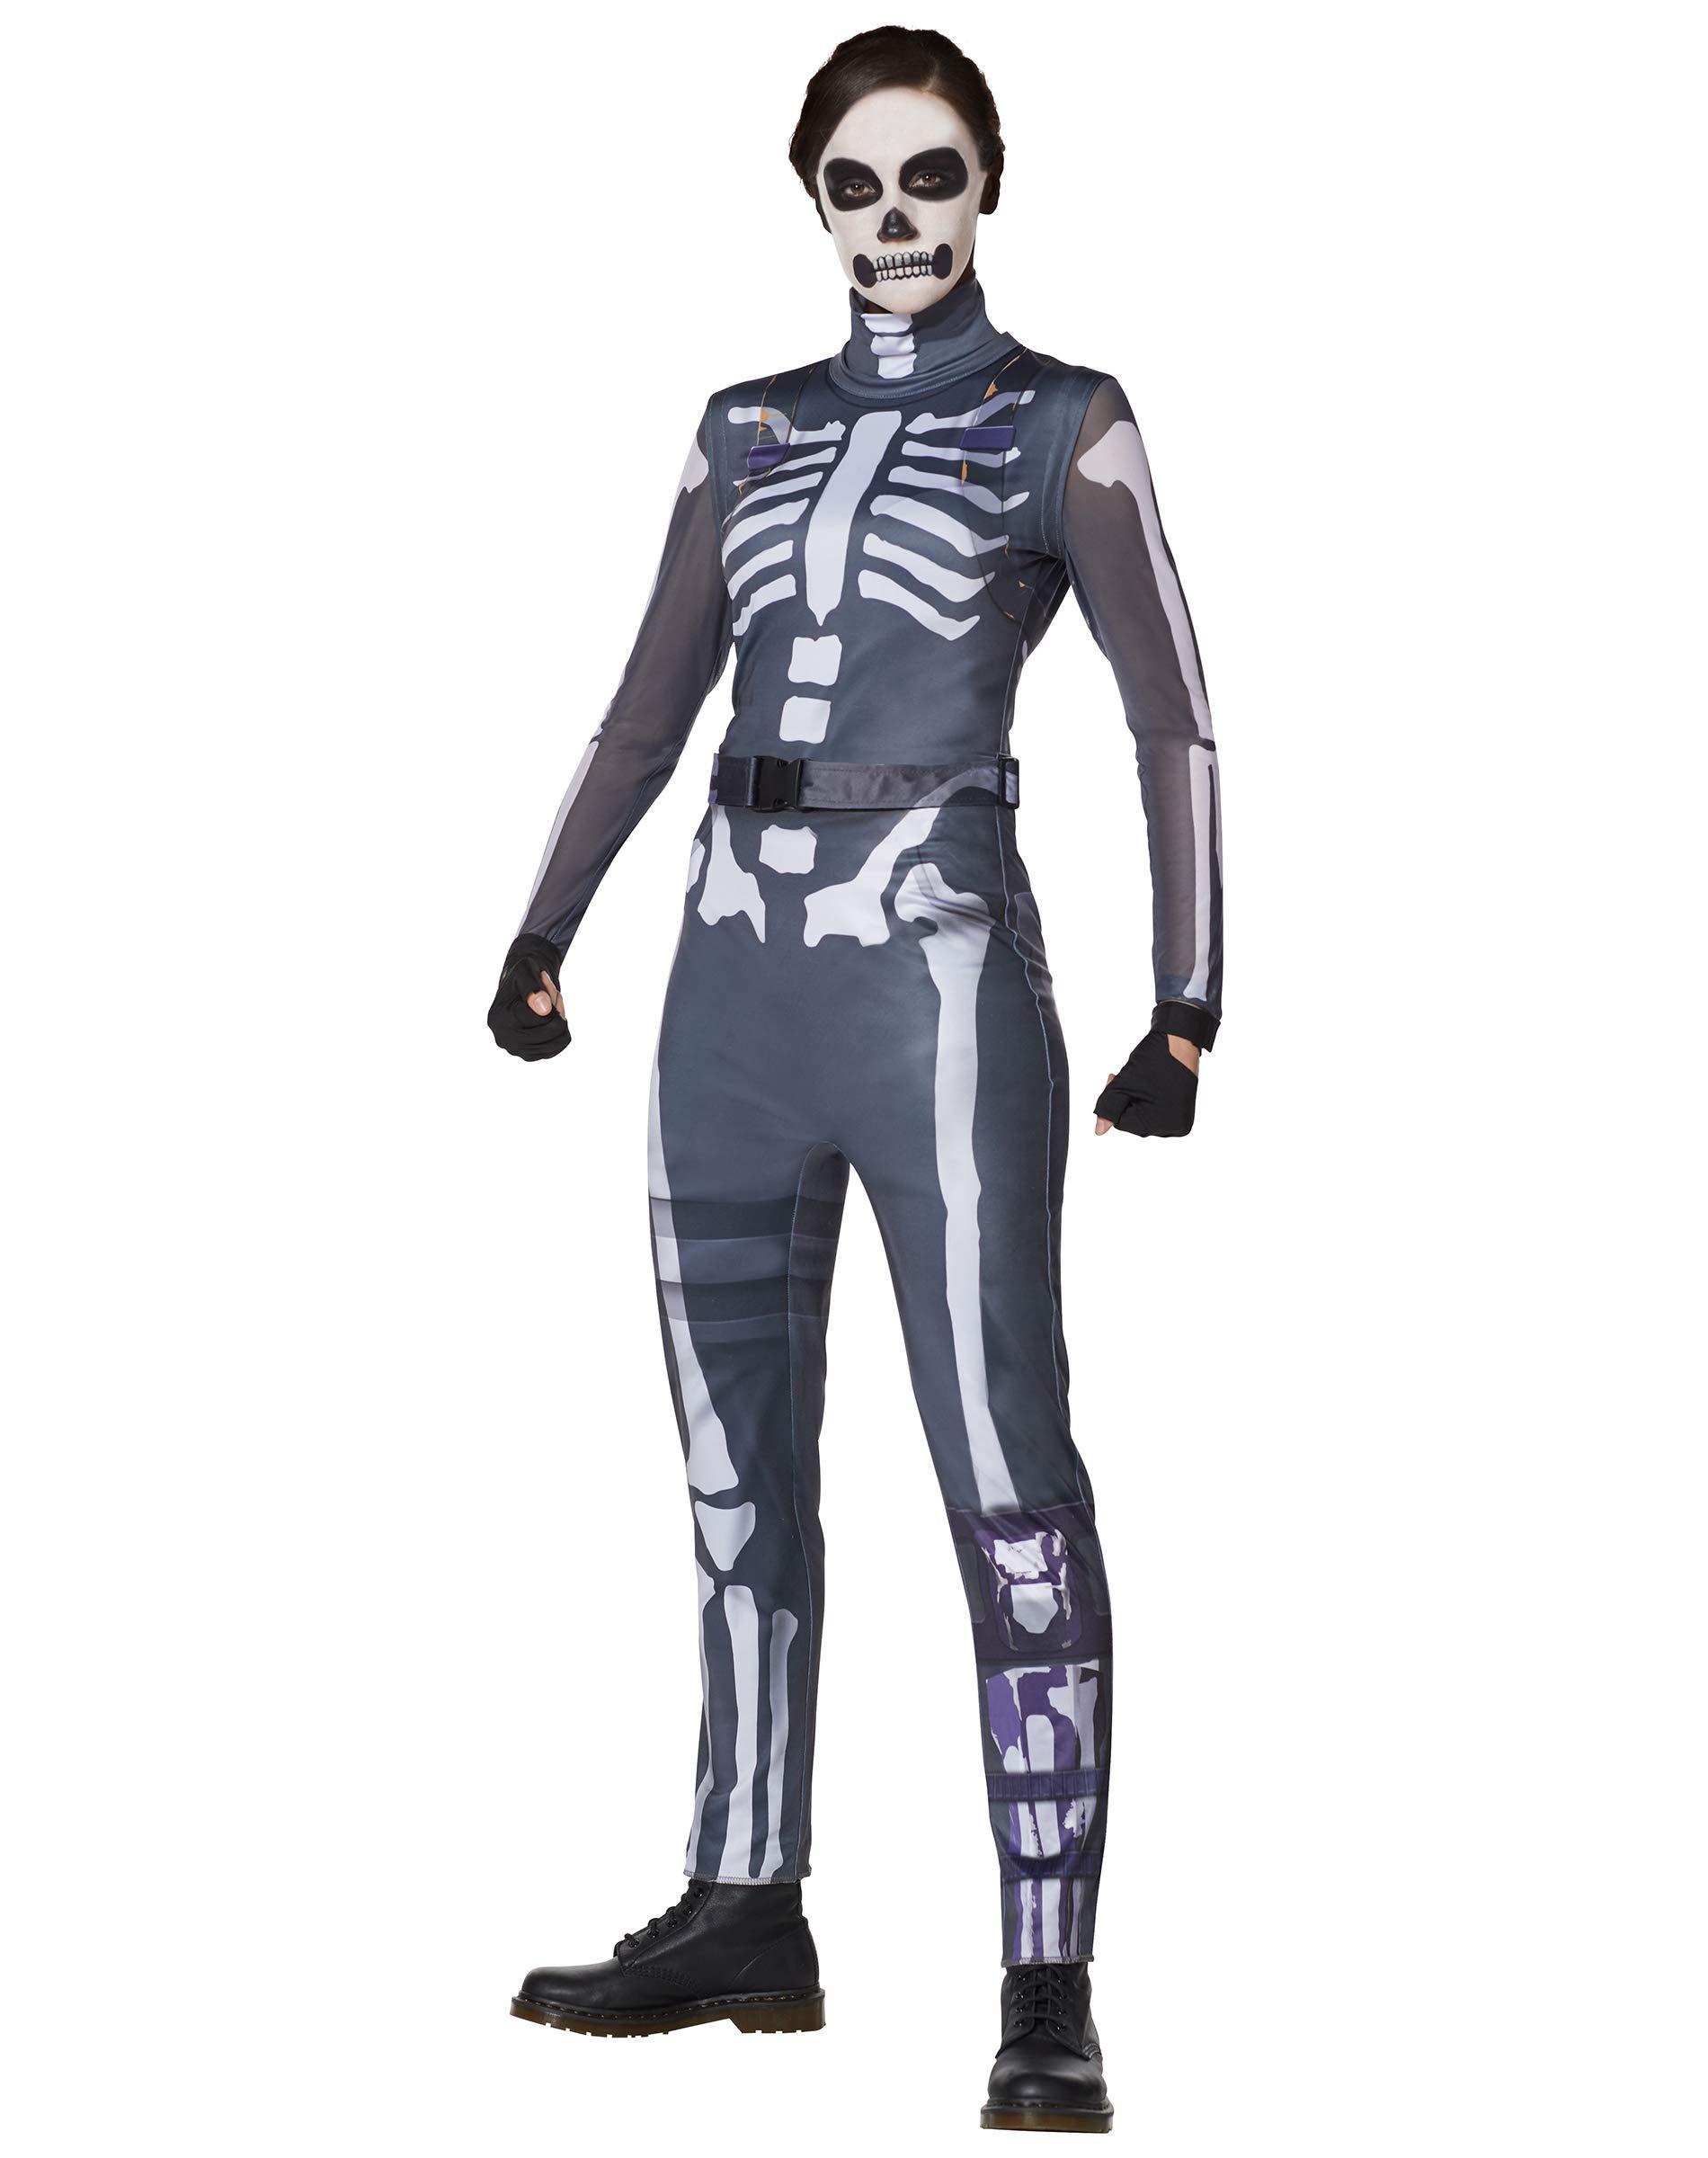 Spirit Halloween Fortnite Costumes For Kids.Spirit Halloween Adult Skull Ranger Fortnite Costume Officially Licensed